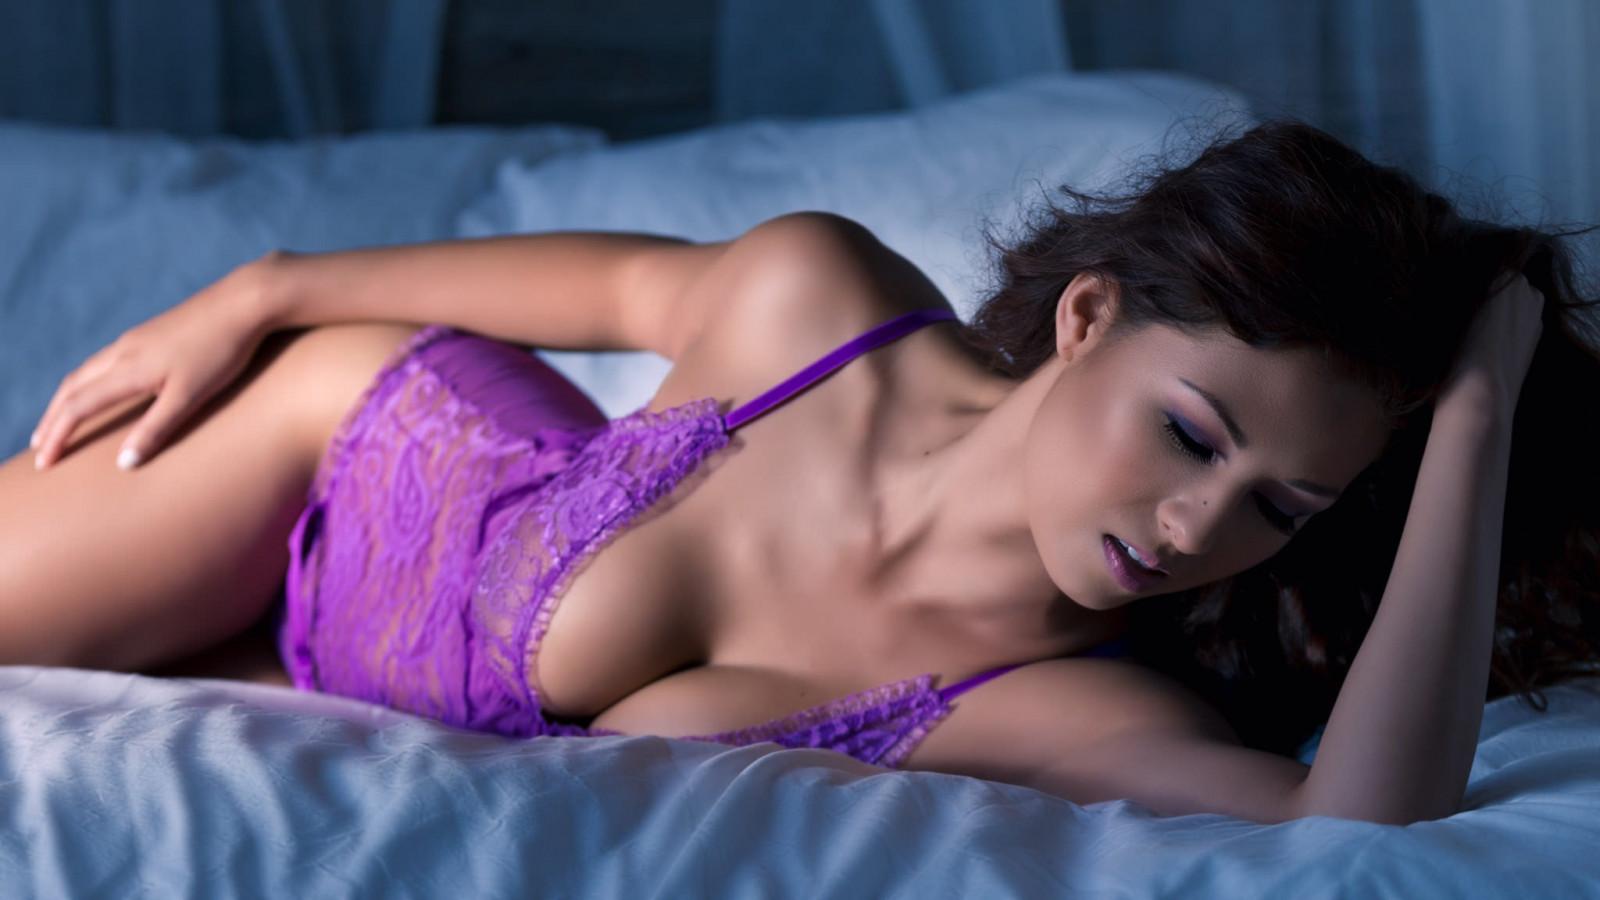 Спит hd gjhyj, Порно со спящими девушками 12 фотография